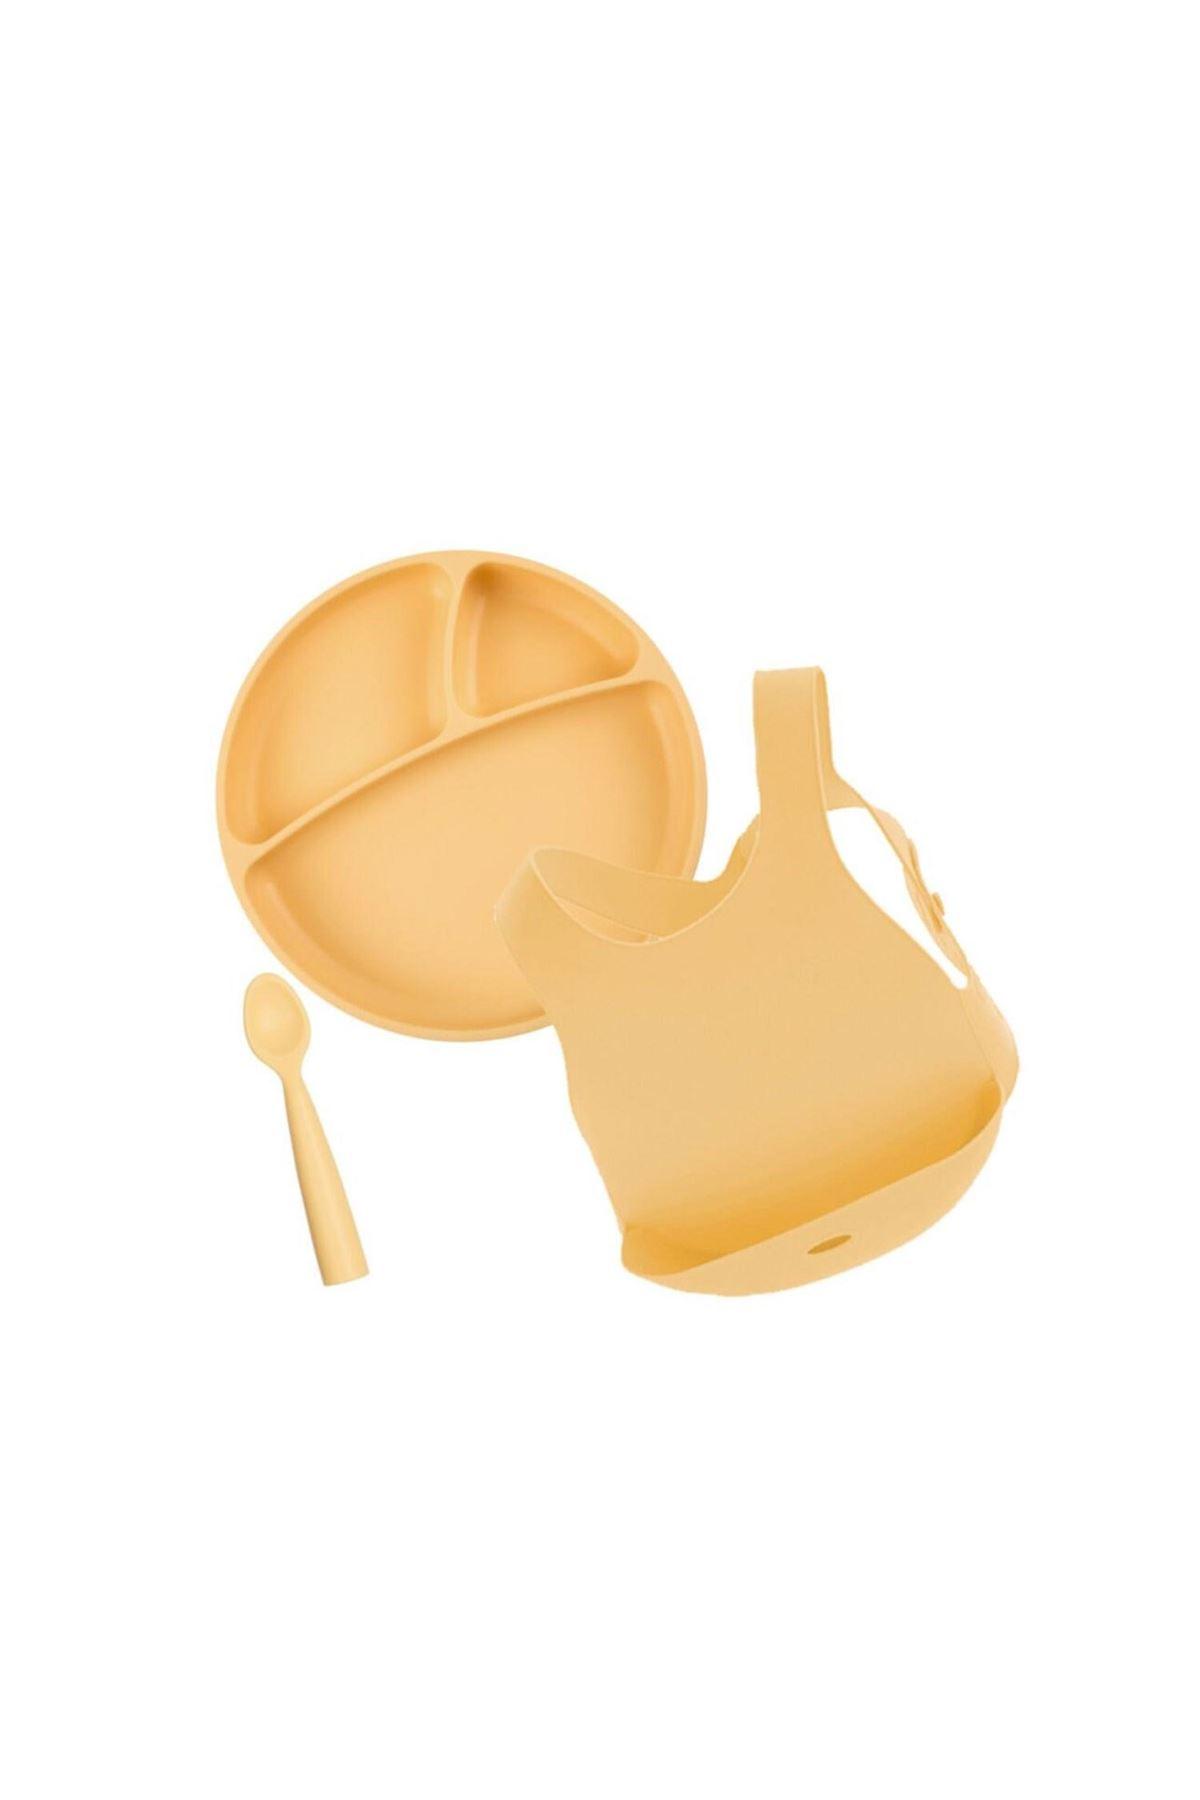 OiOi Beslenme Seti 3lü Sarı